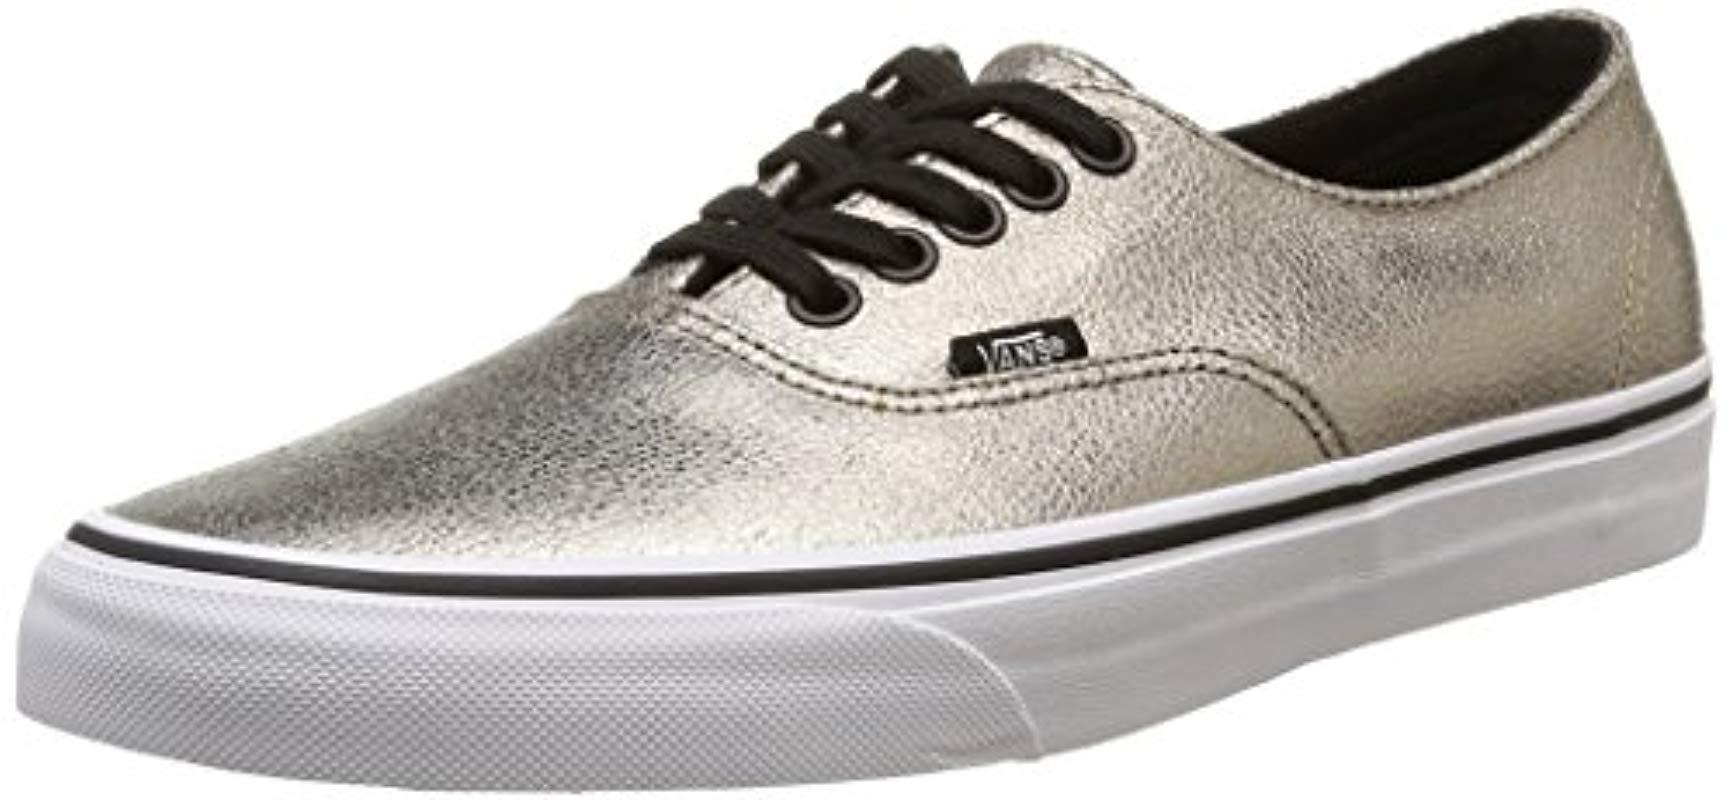 9f218c9528 Vans U Authentic Decon Unisex Adults Low-top Sneakers in Metallic ...